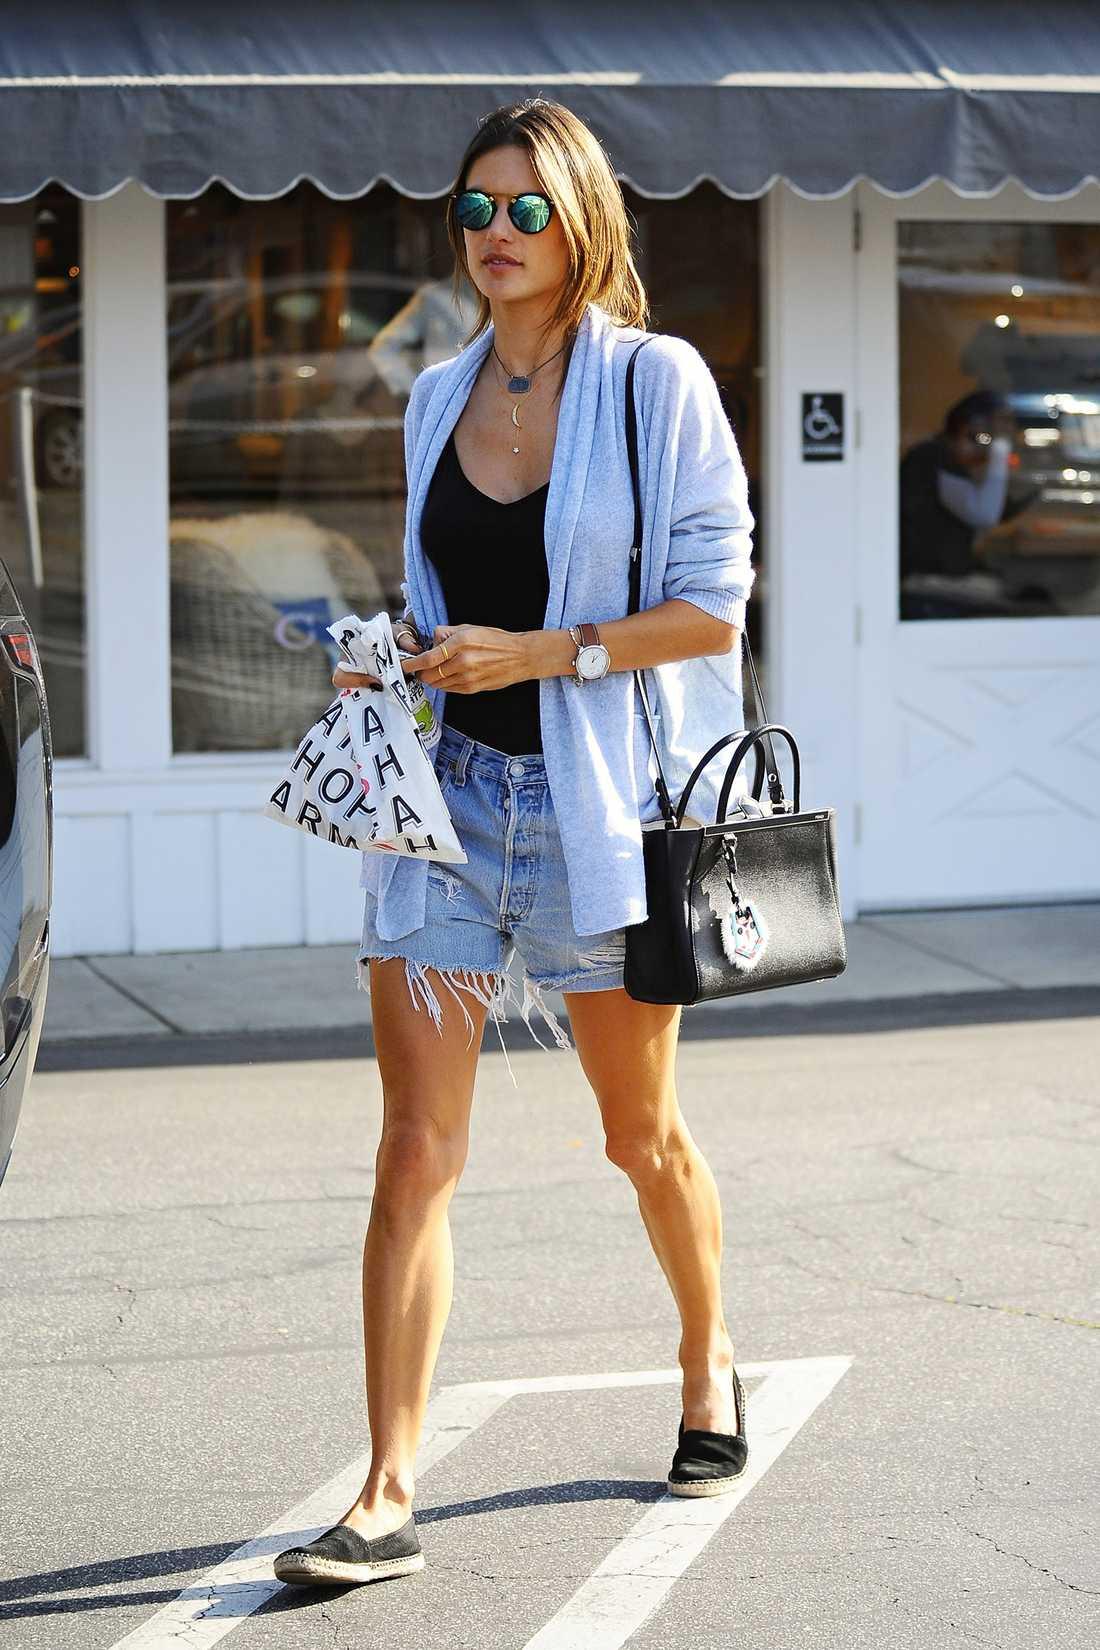 Alessandra Ambrosio Bohochica Alessandra i avklippta jeansshorts som hon stylar med en stor kofta och bekväma skor.